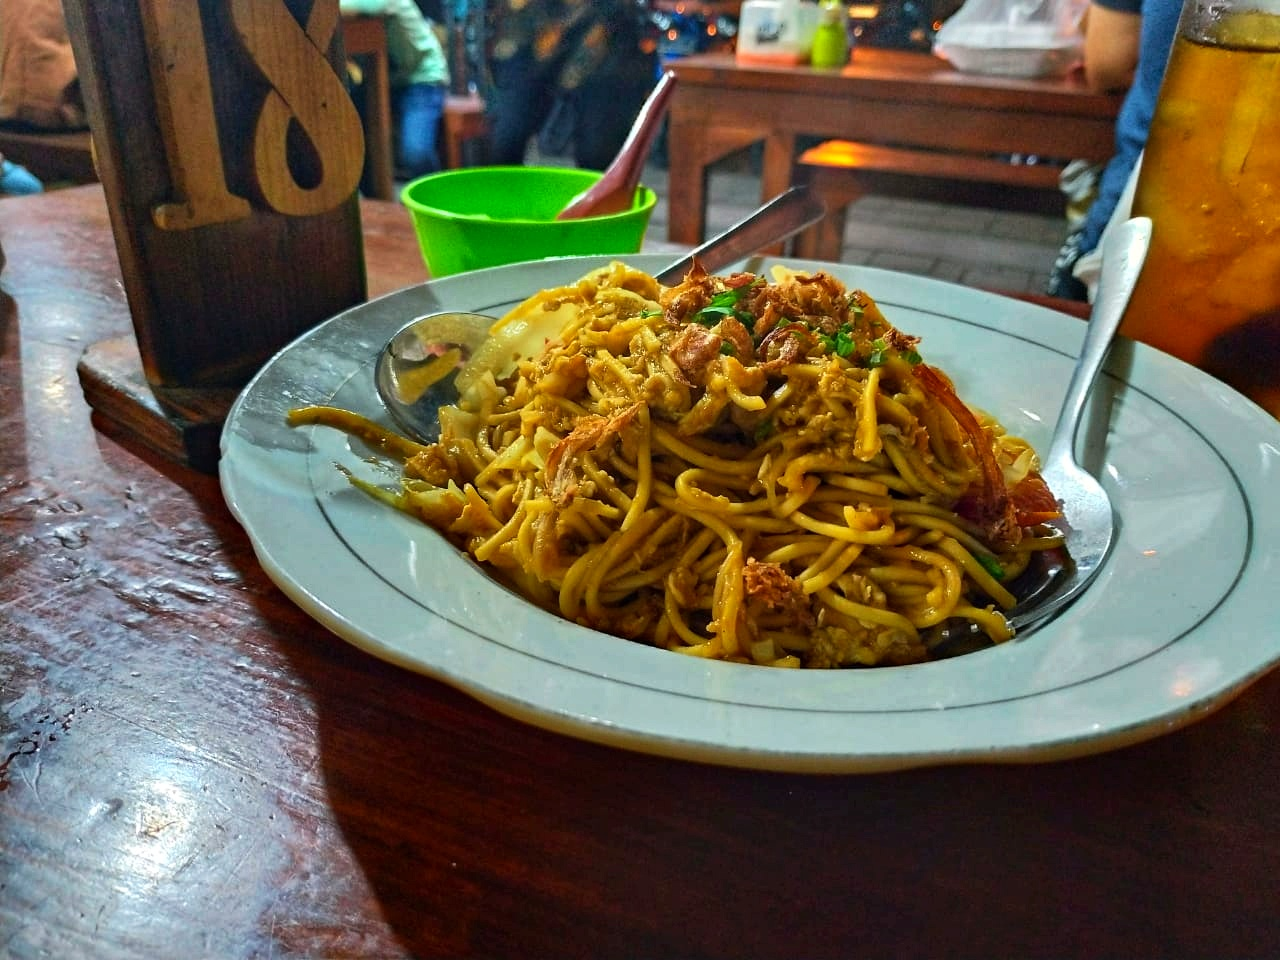 Bakmi Jogja Gending Sari Sidoarjo : Akhinya Bisa Makan Masakan Jawa Tengah Lagi Di Perantauan